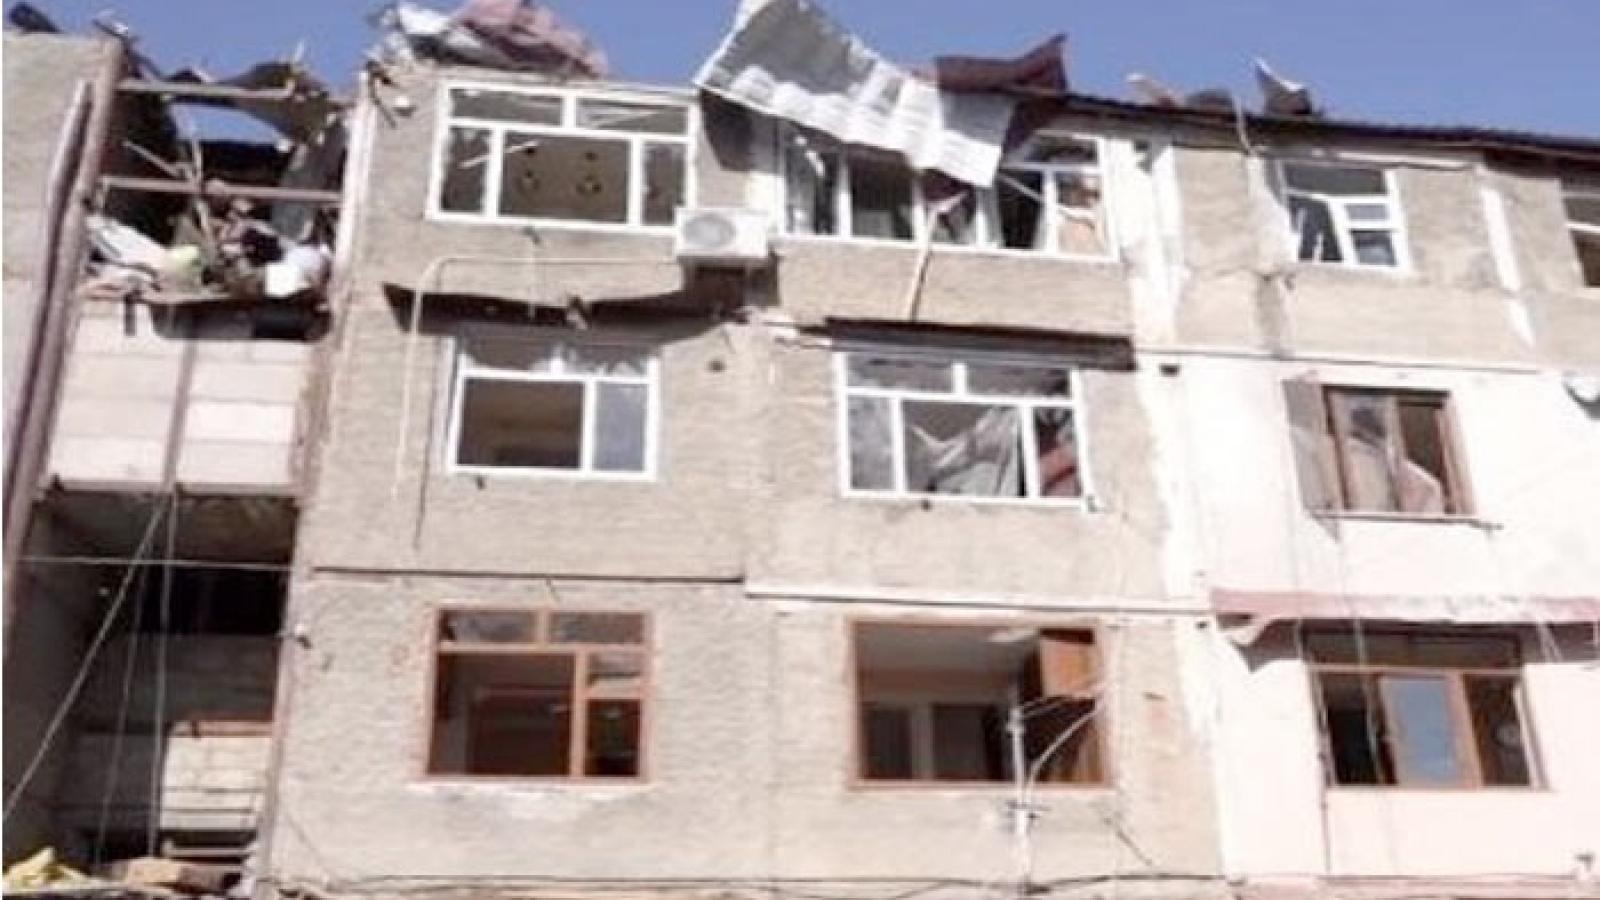 Xung đột Nagorno-Karabakh: Lệnh ngừng bắn bị phá vỡ, Nga bắt đầu hành động